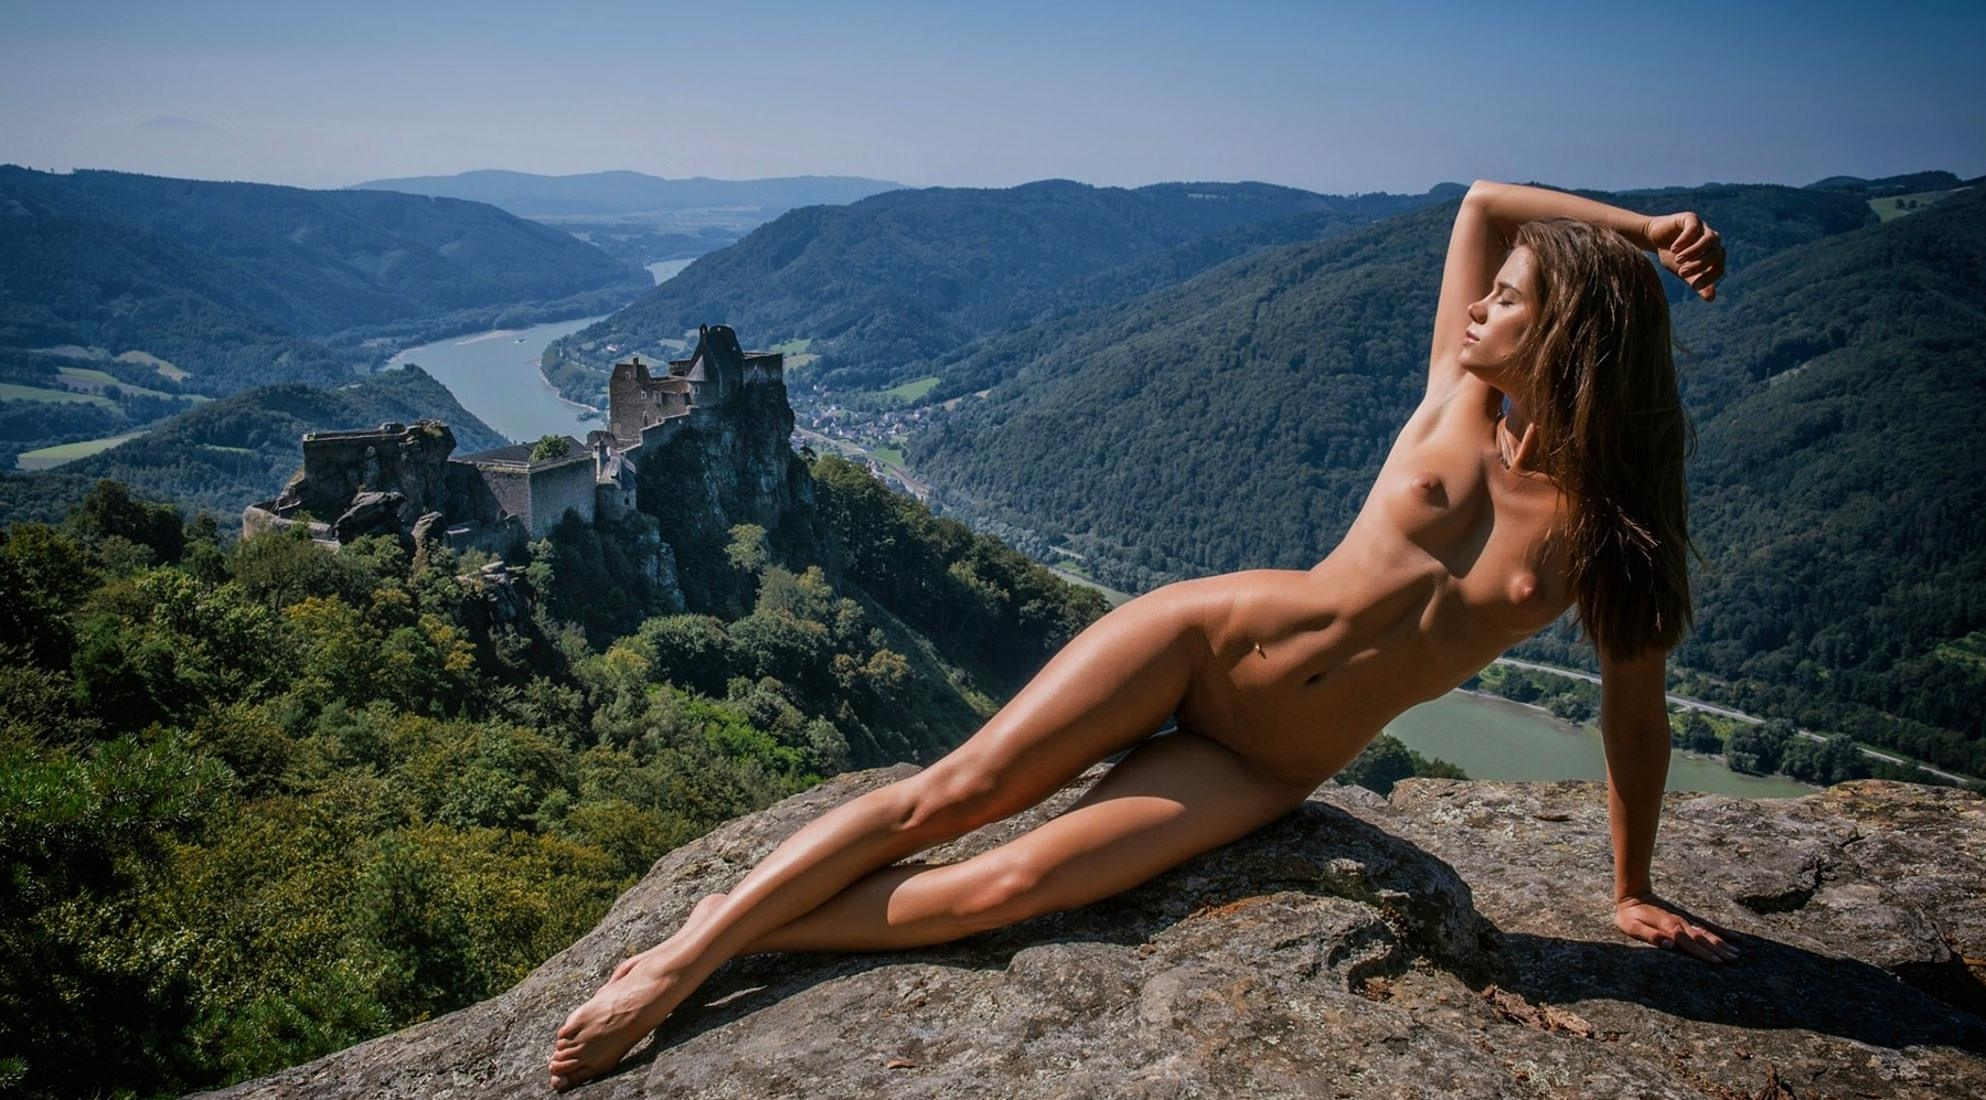 Angelique Rock Of Love Girl Nude